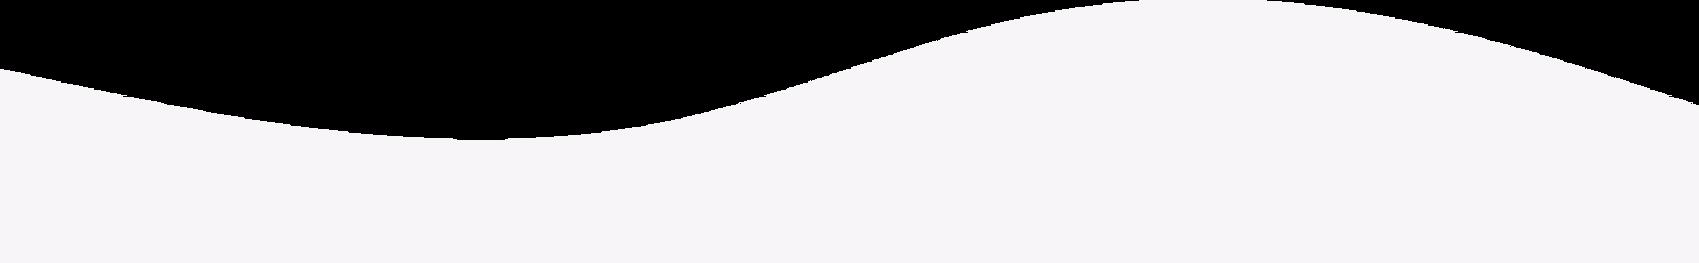 botsify_bg_curve.png